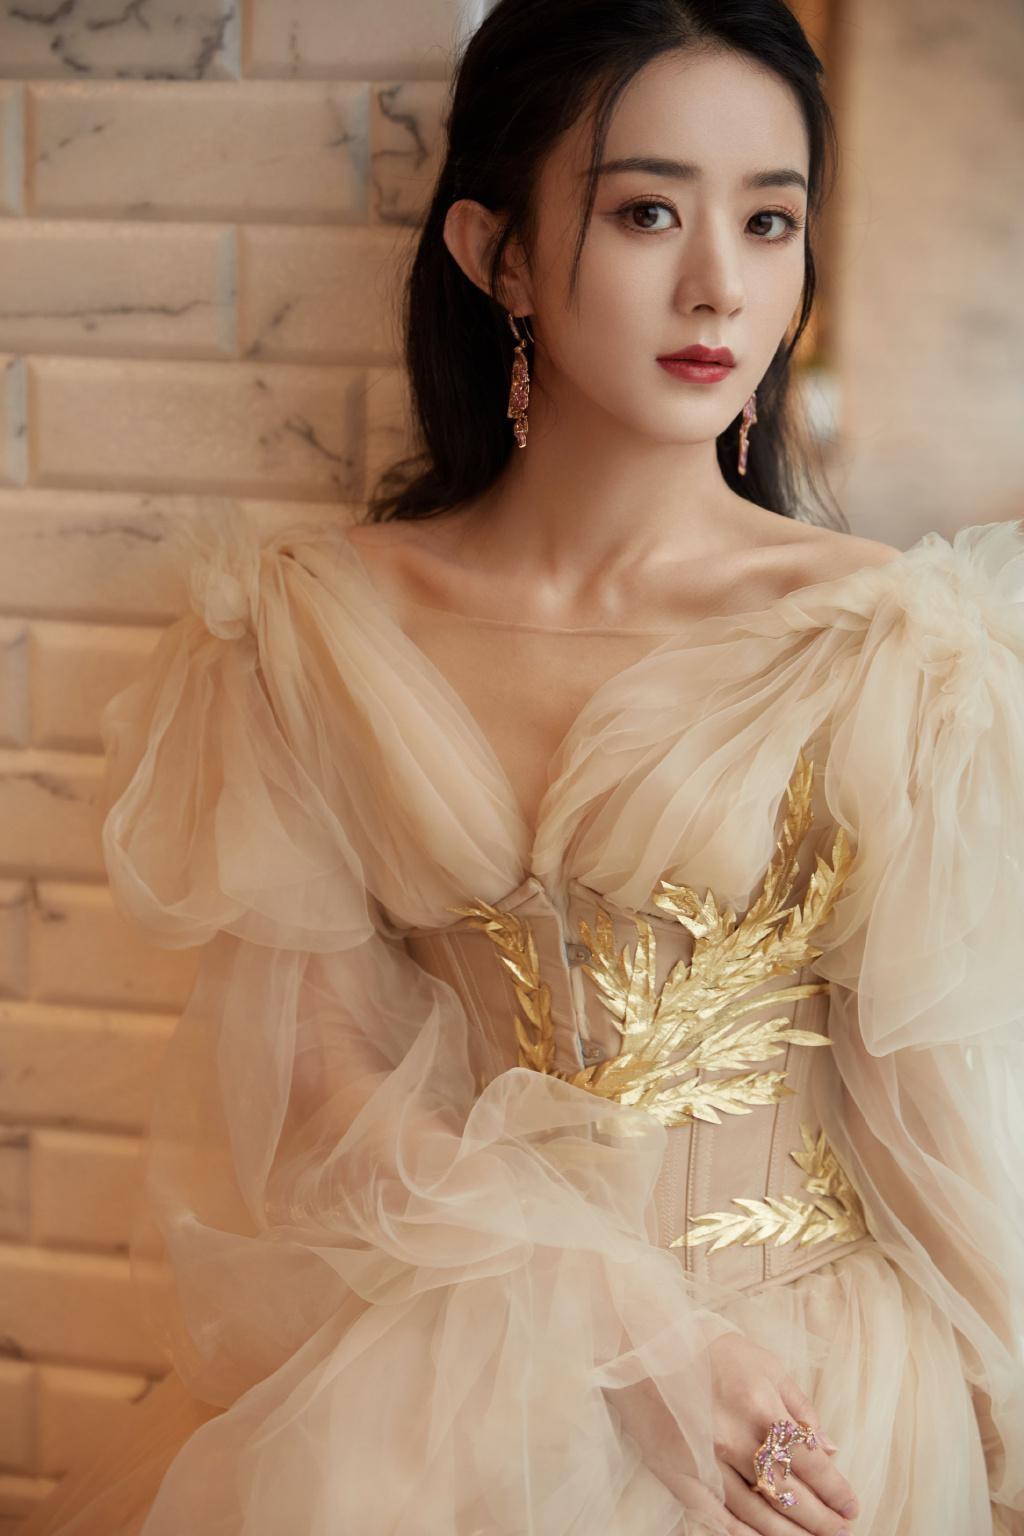 """Lai lịch khó ngờ của bộ váy lộng lẫy giúp Triệu Lệ Dĩnh thành """"Nữ hoàng đêm hội Bazaar"""" ảnh 4"""